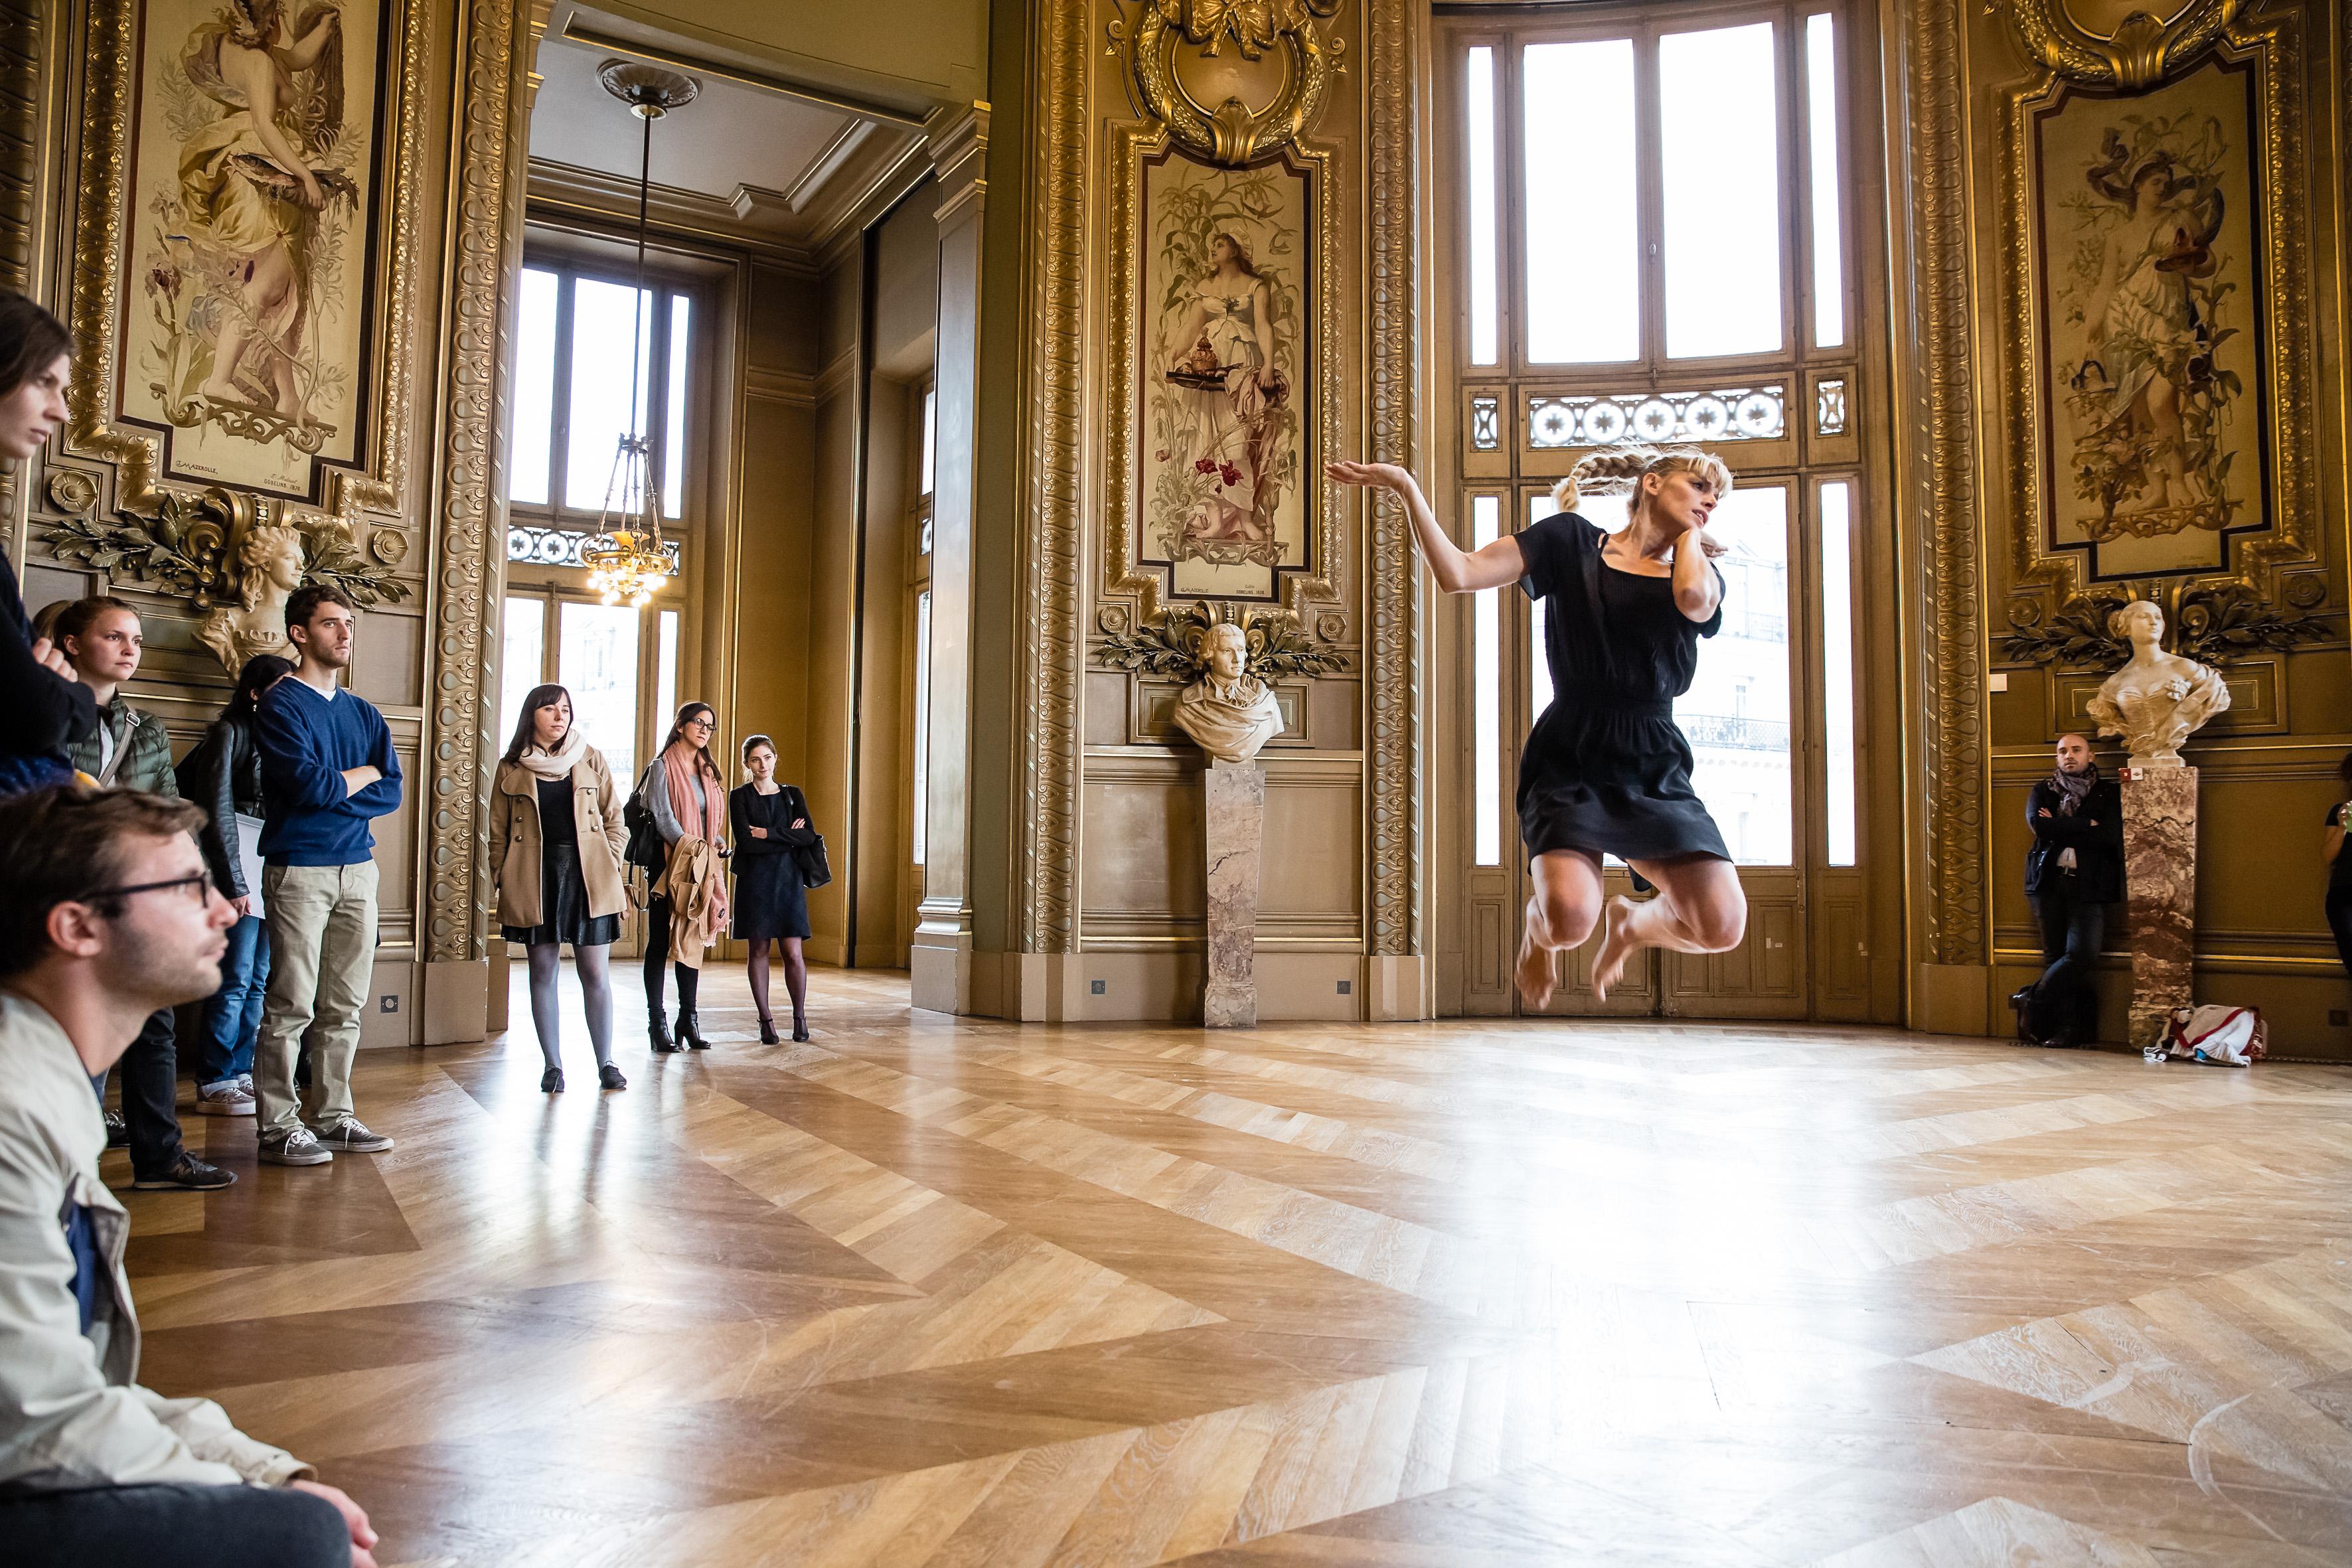 musée danse opéra garnier charmatz 20 danseurs XX siècle